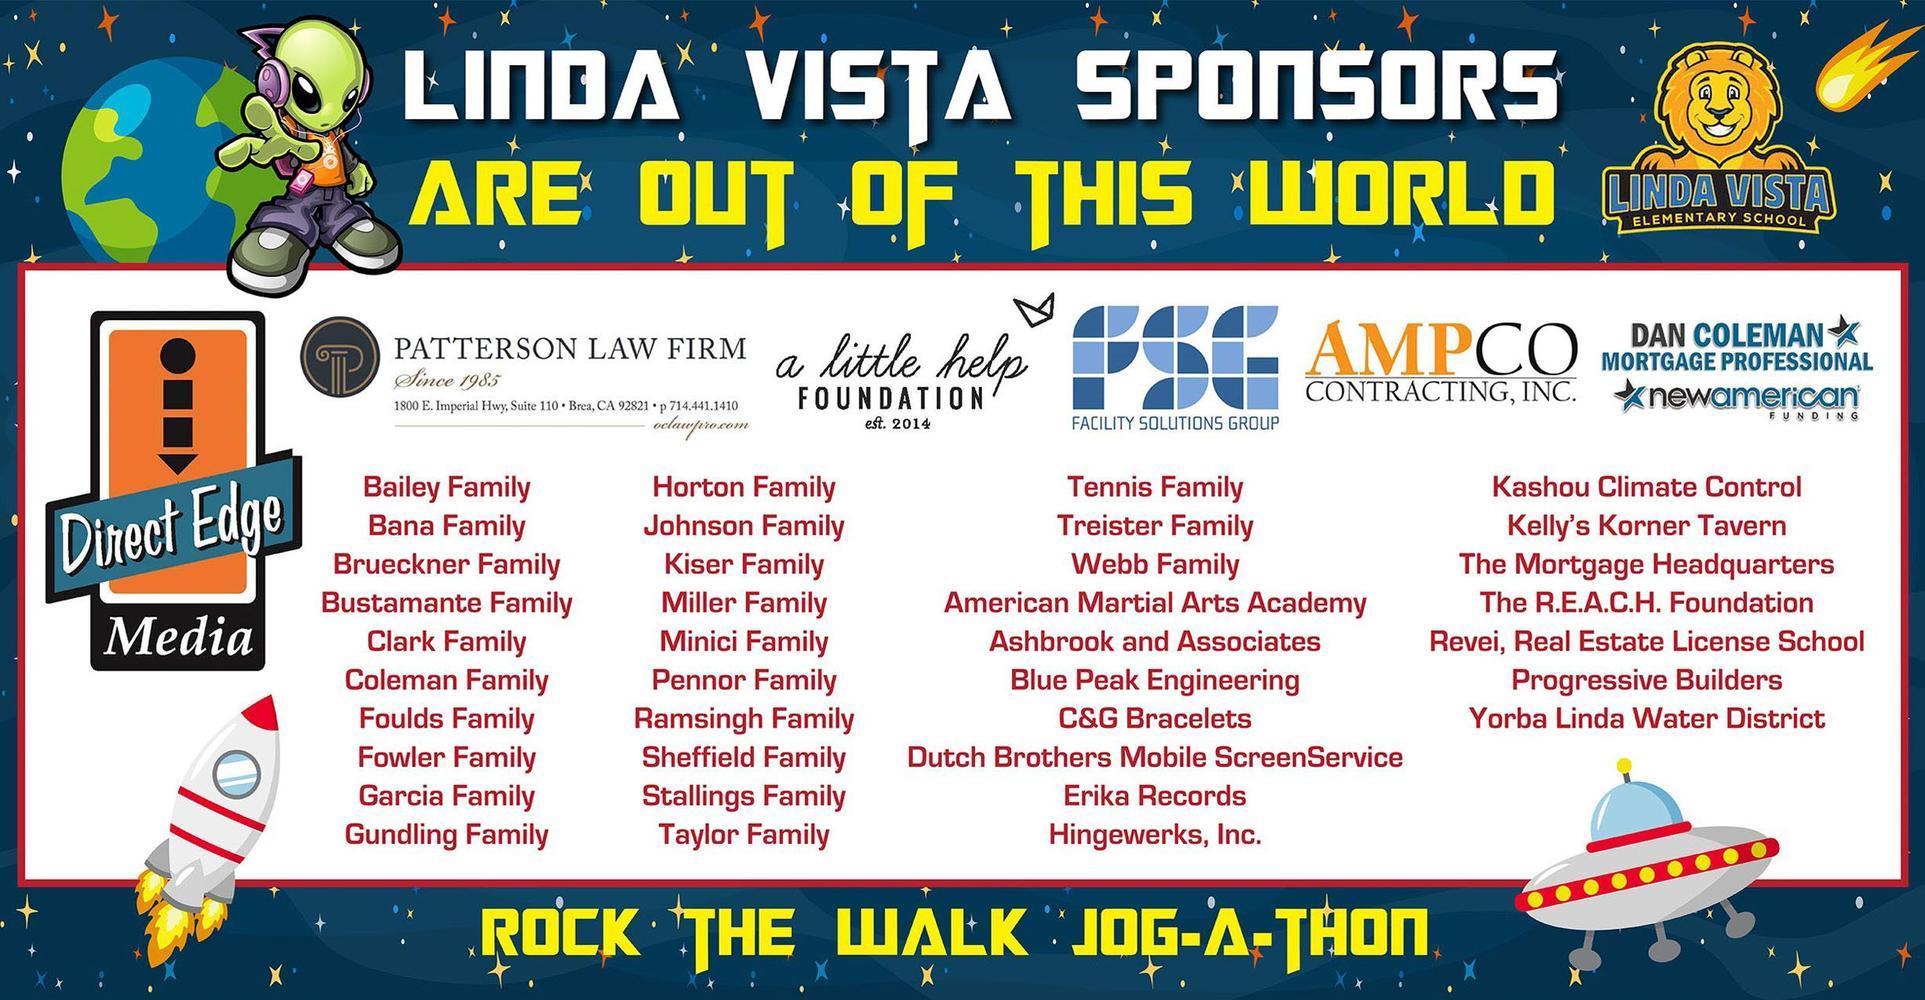 Linda Vista Jog-A-Thon Sponsors